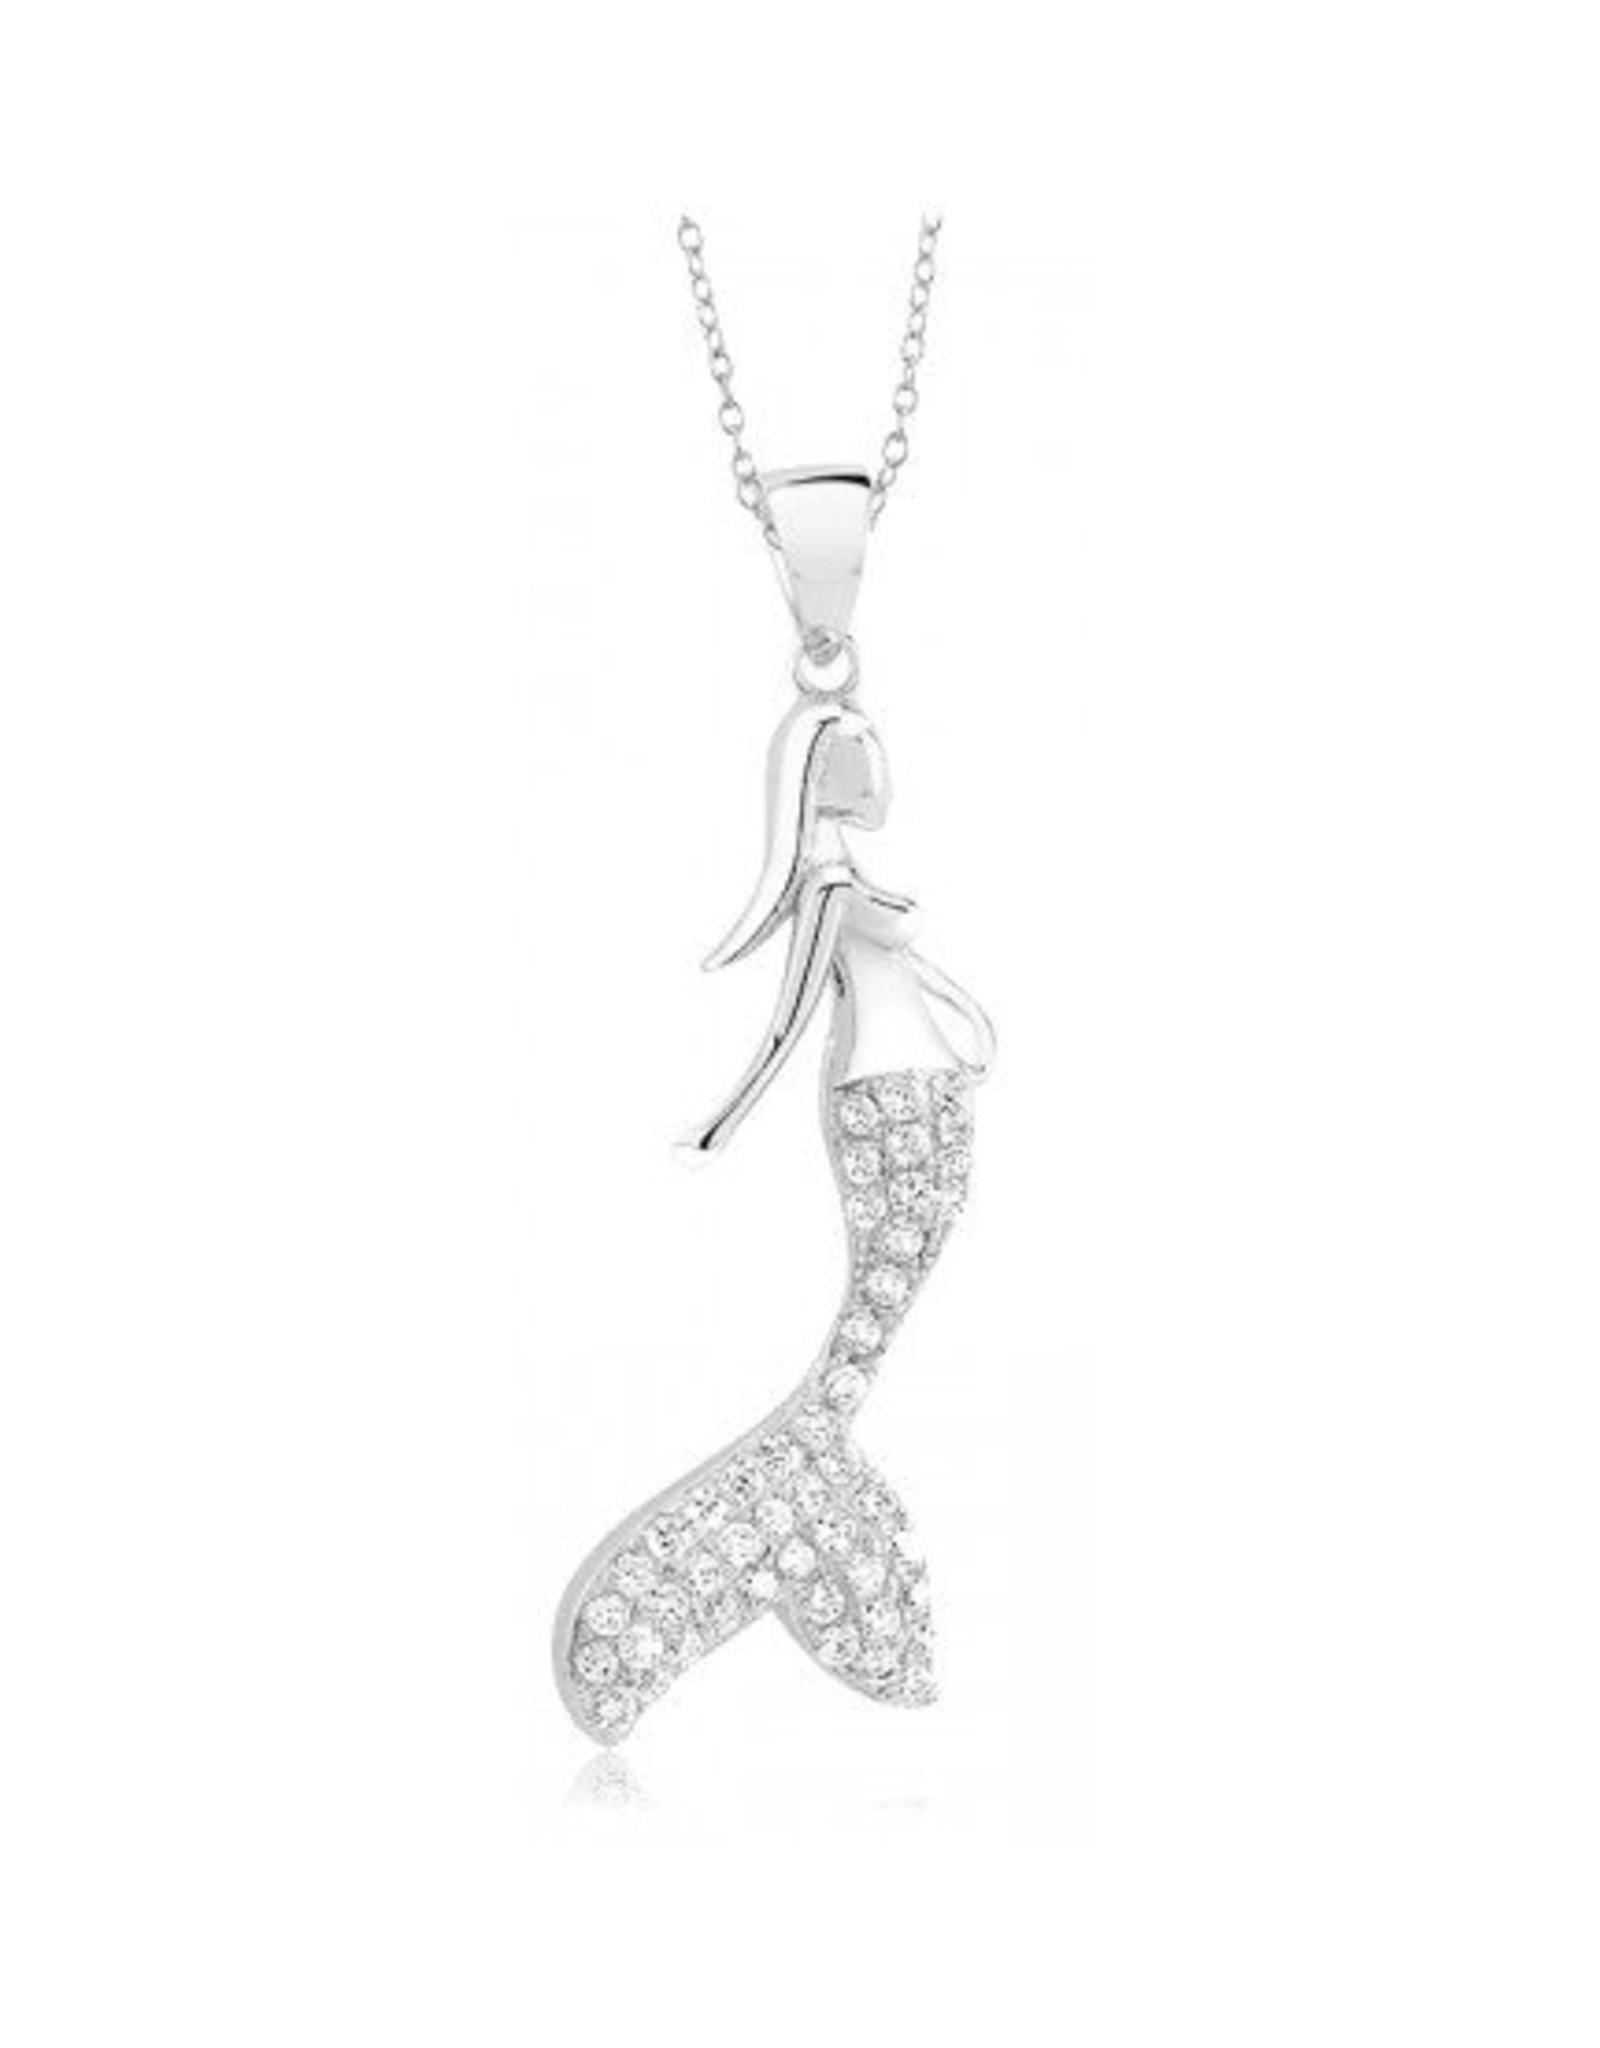 Mermaid - CZ Silver